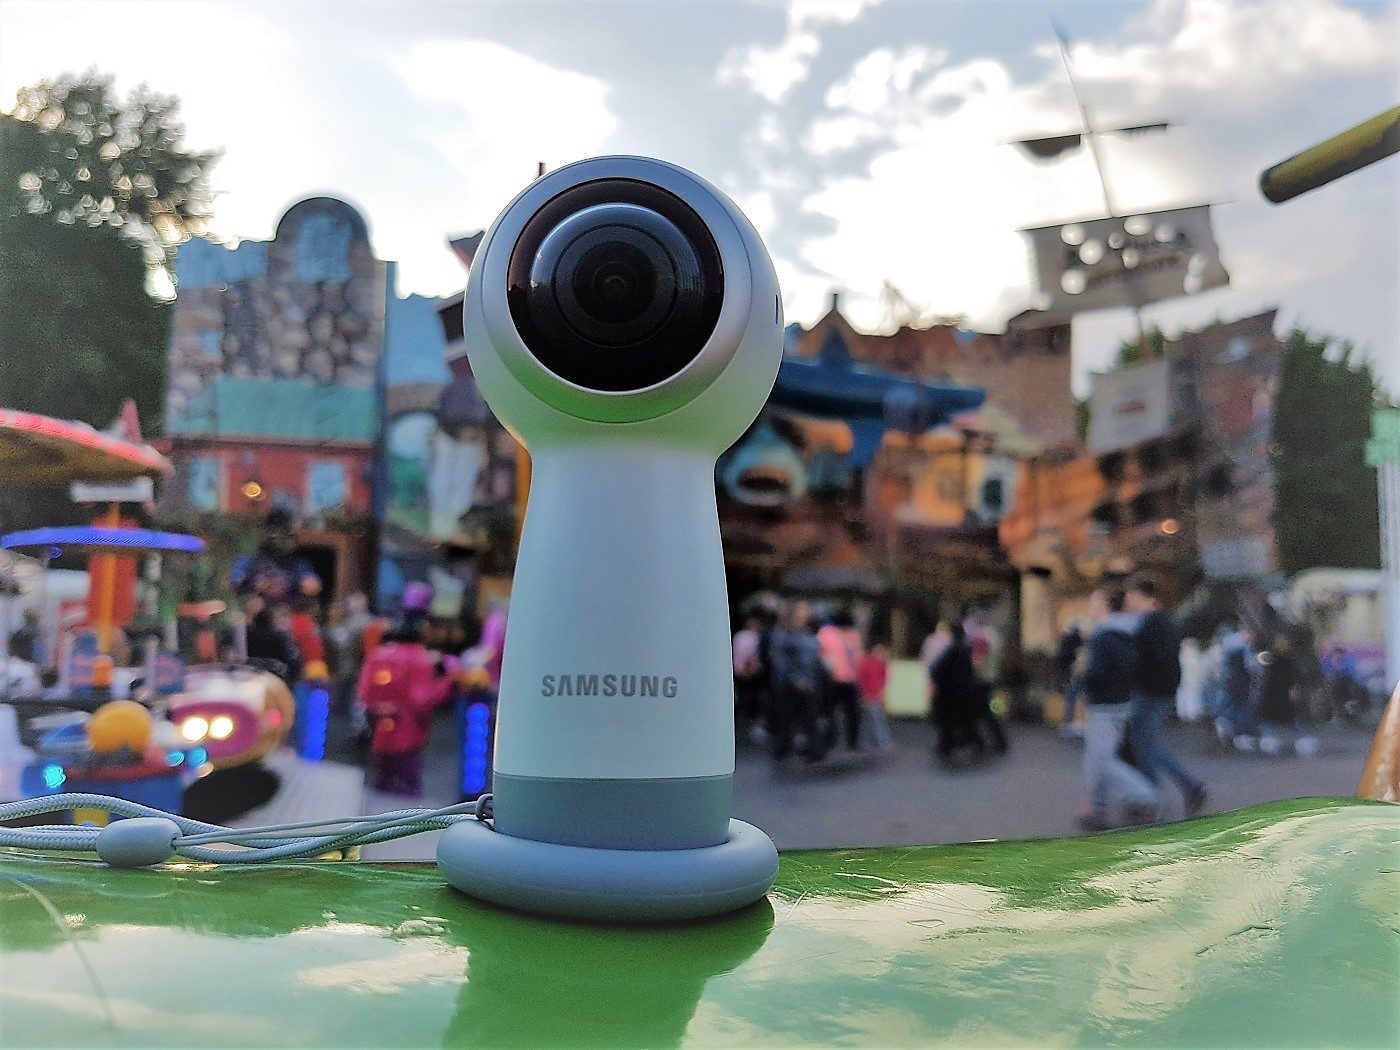 Samsung-Gear360-VR-Kamera